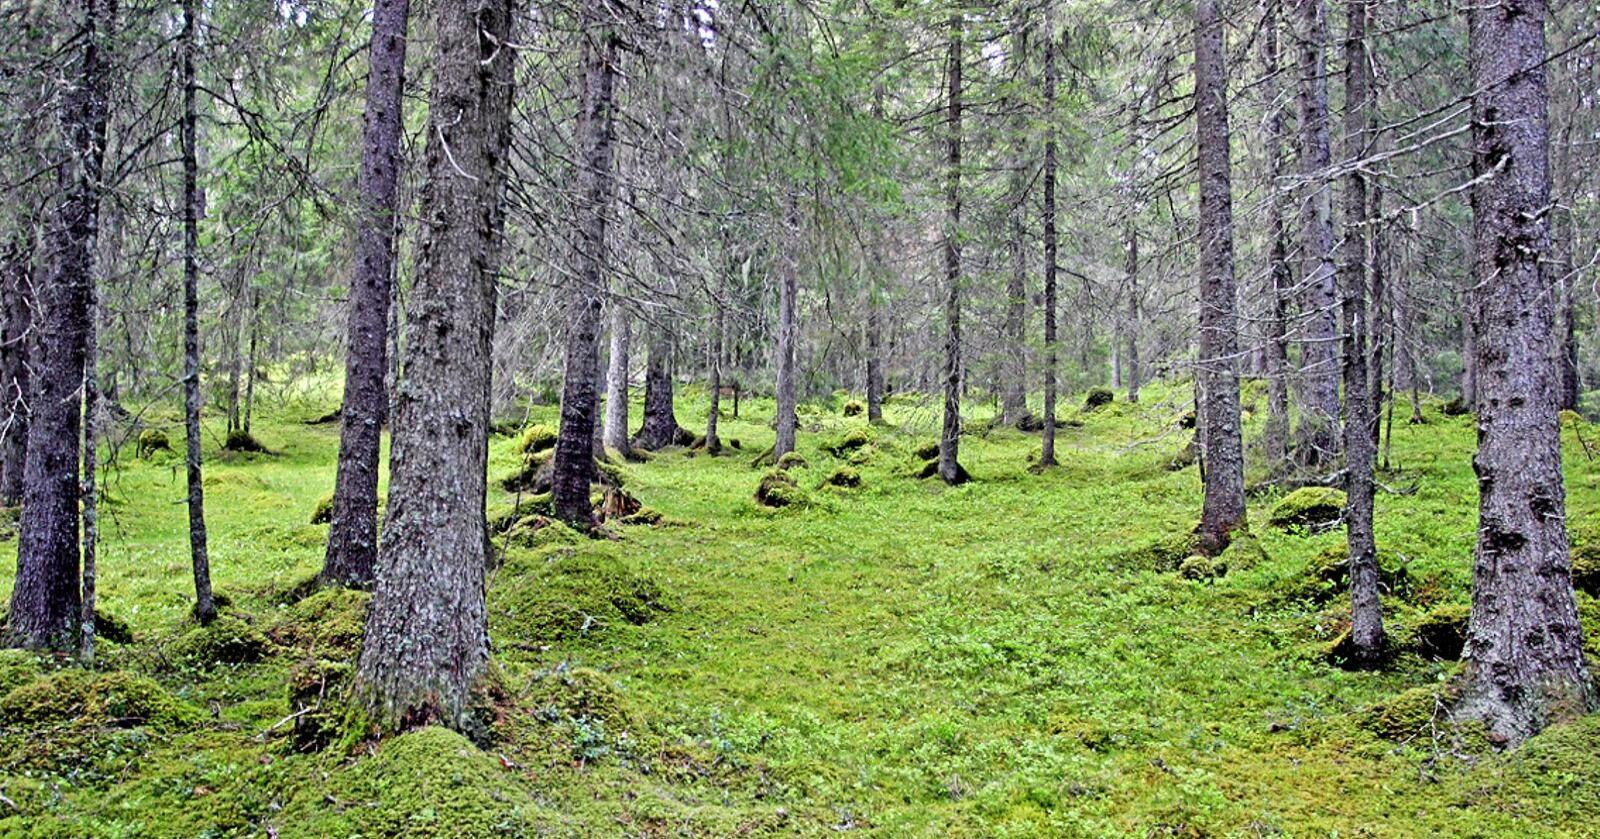 Kartlegging: Alt fra kalkskog, blåbærskog, enger, nakent berg, til veier og jorder skulle kartfestes i hver enkelt rute. Foto: John Y. Larsson / Nibio